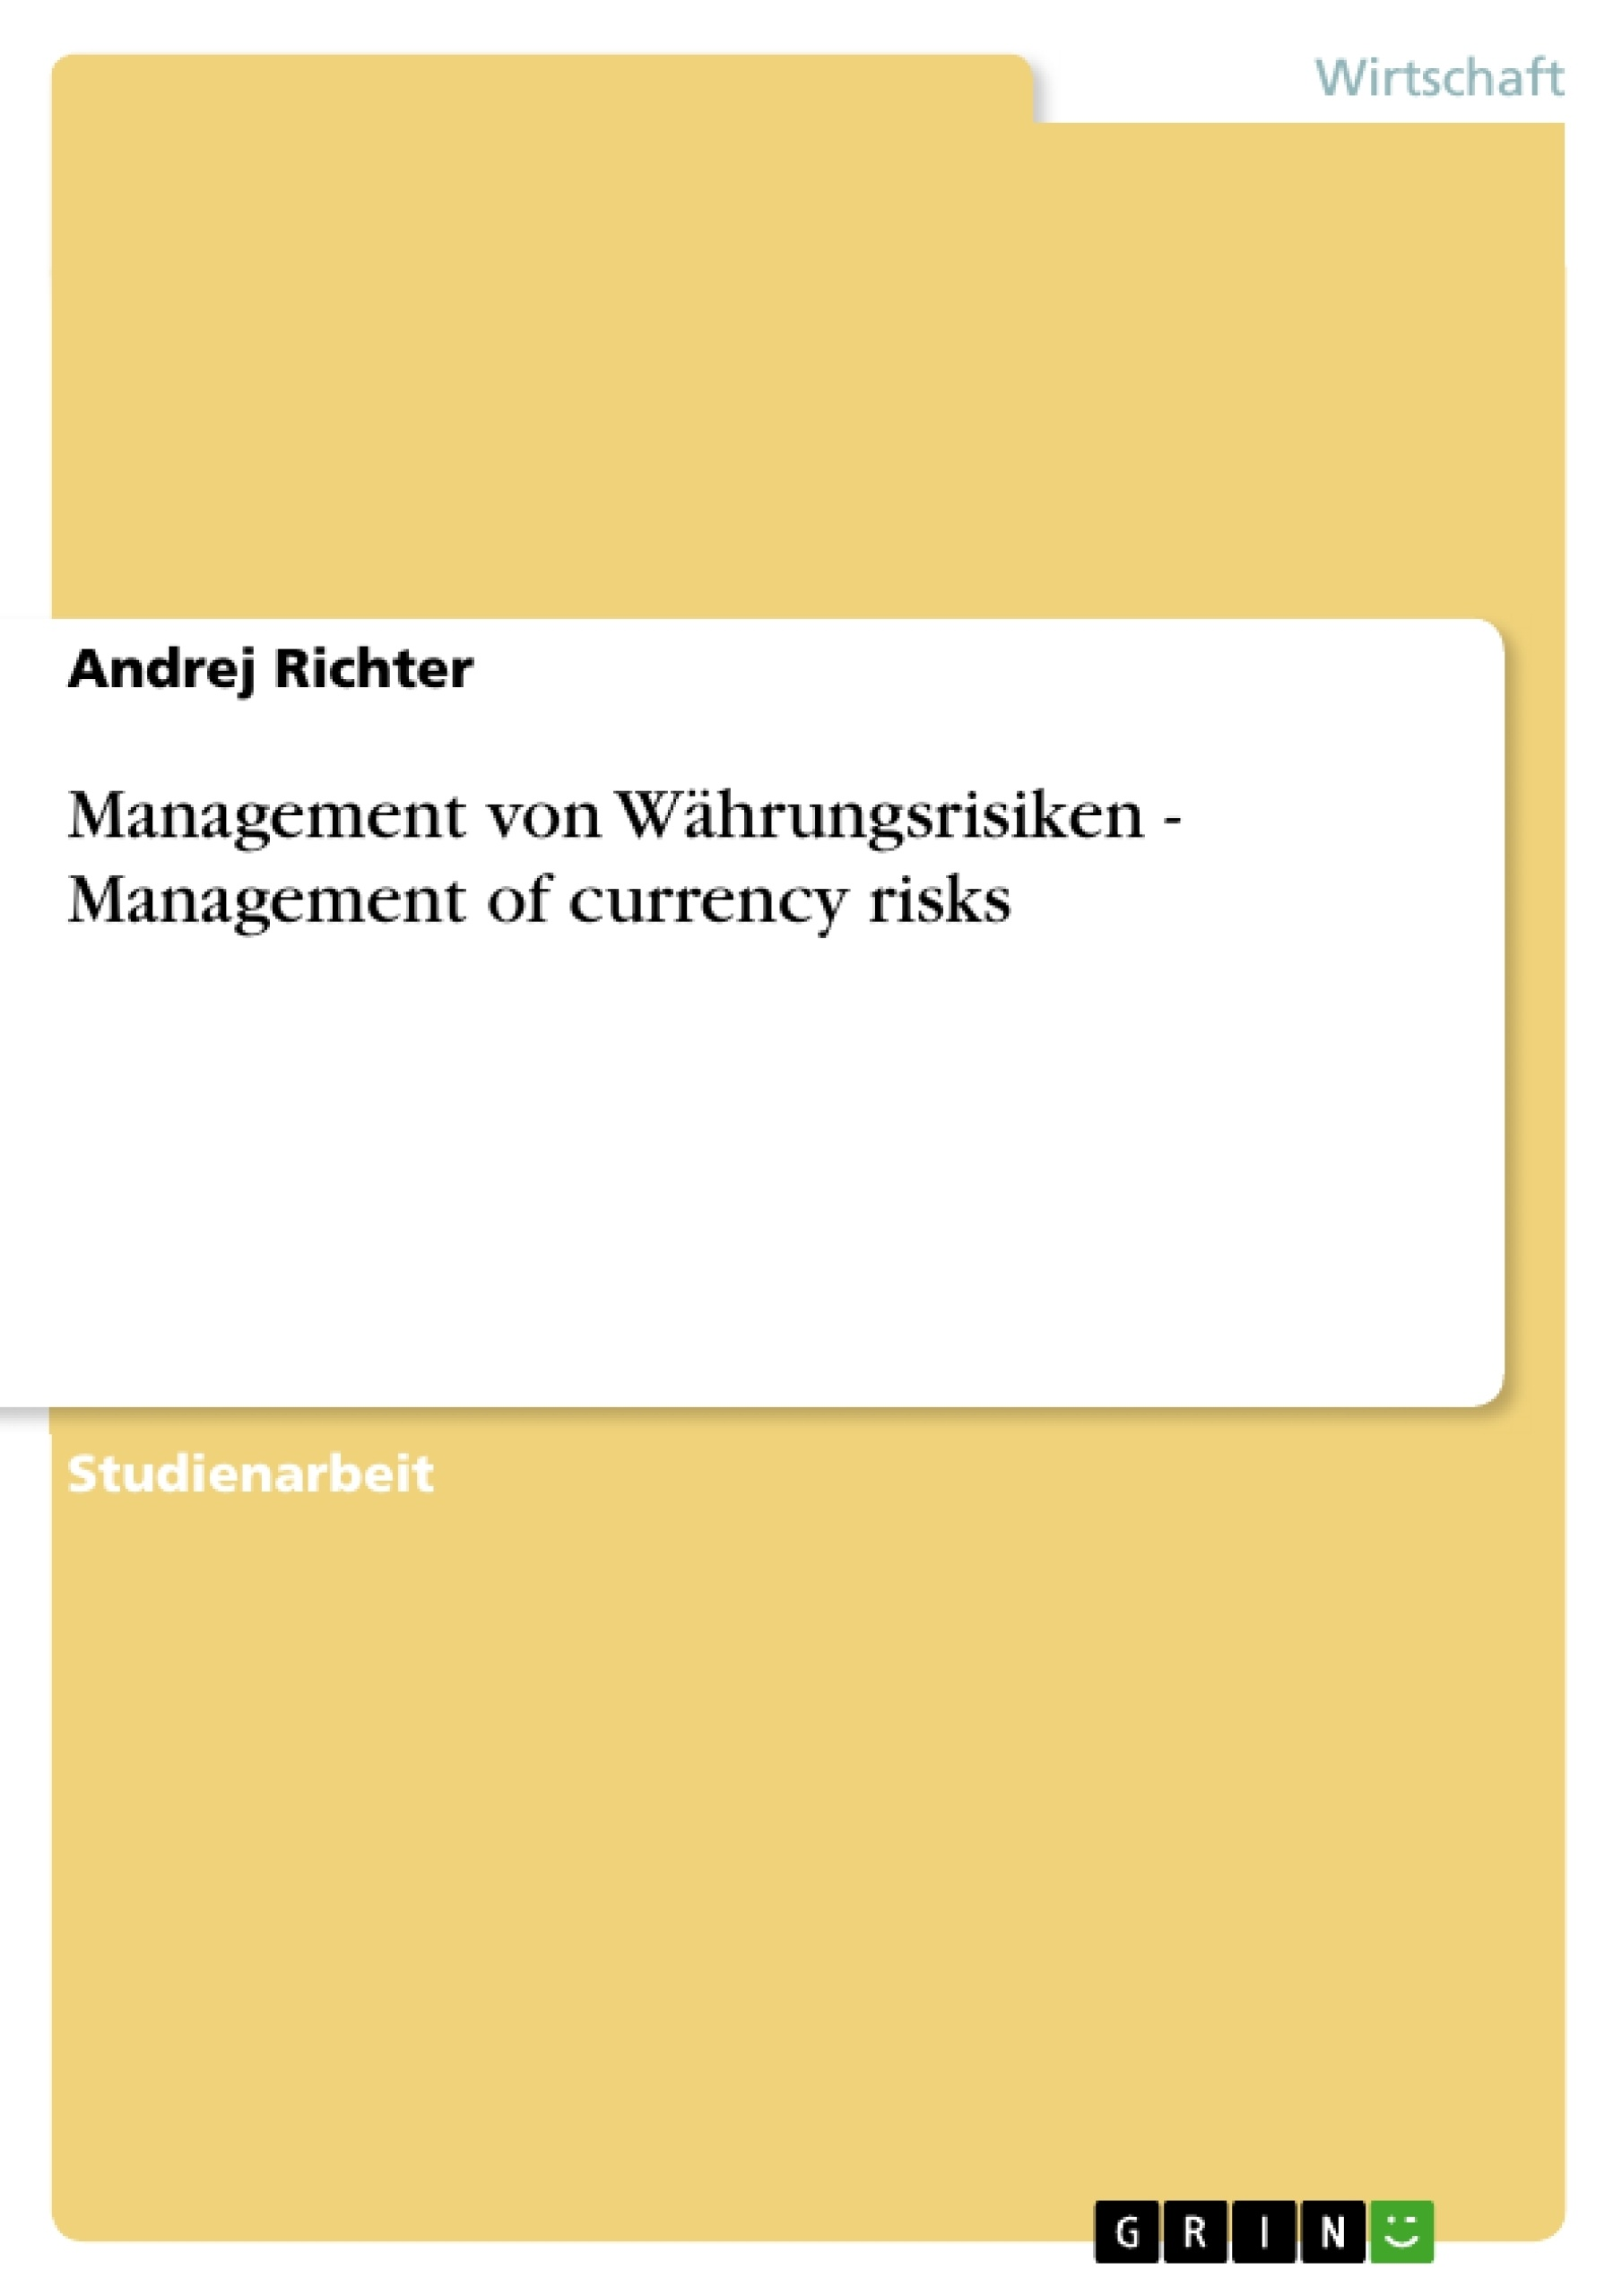 Titel: Management von Währungsrisiken - Management of currency risks